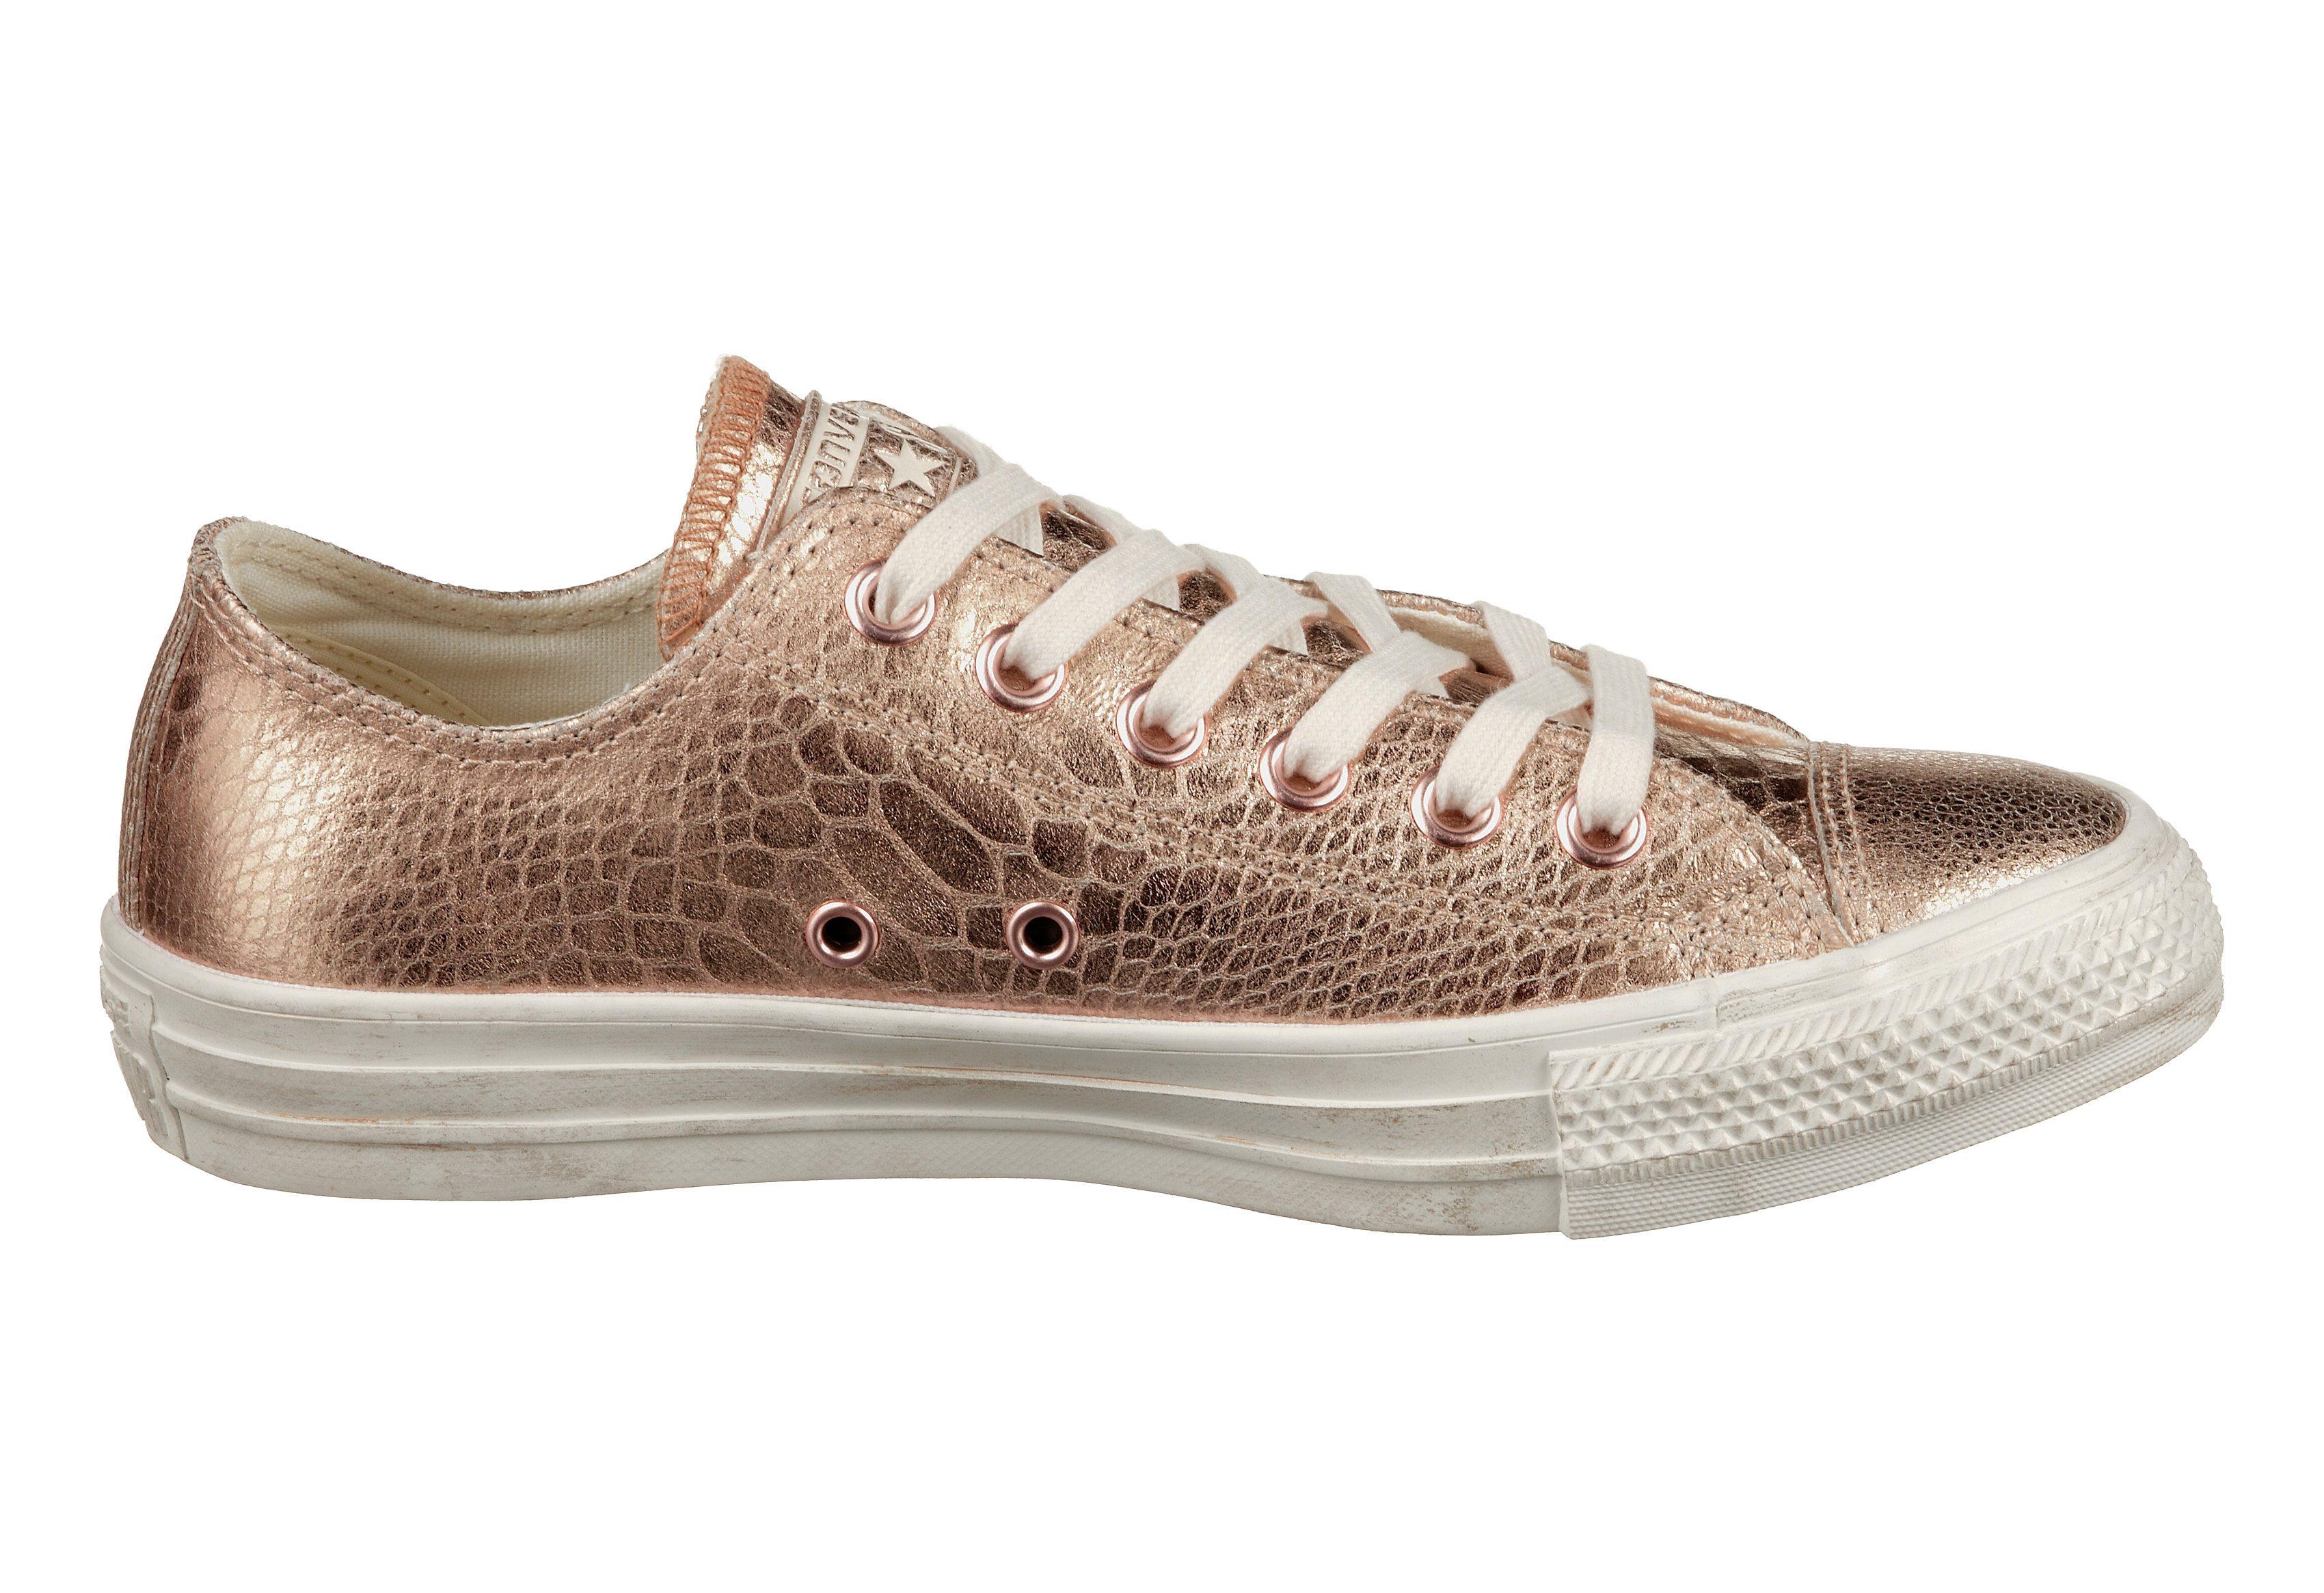 Chaussures De Sport Converse Boeuf Étoile Rencontré Slangenprint oFTS6M4